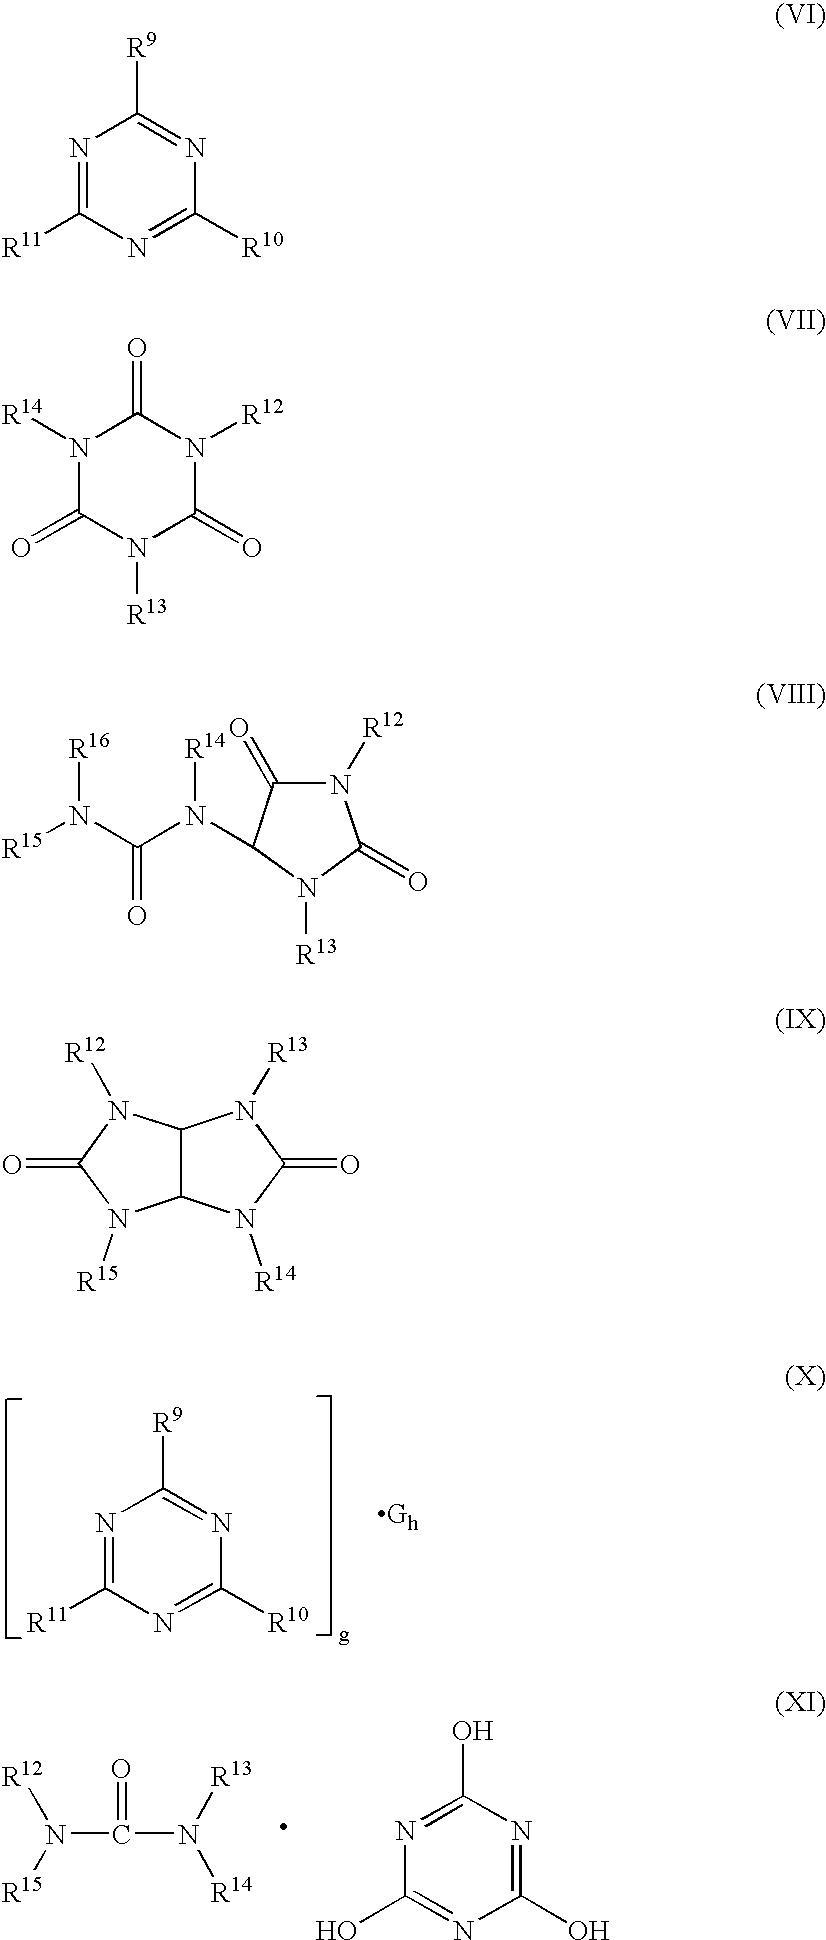 Figure US20060111548A1-20060525-C00003